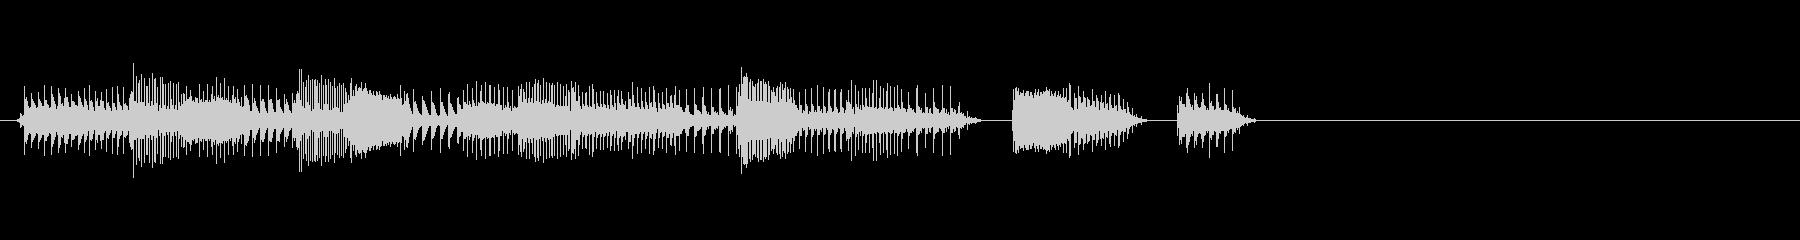 謎の宇宙人が喋る声の未再生の波形